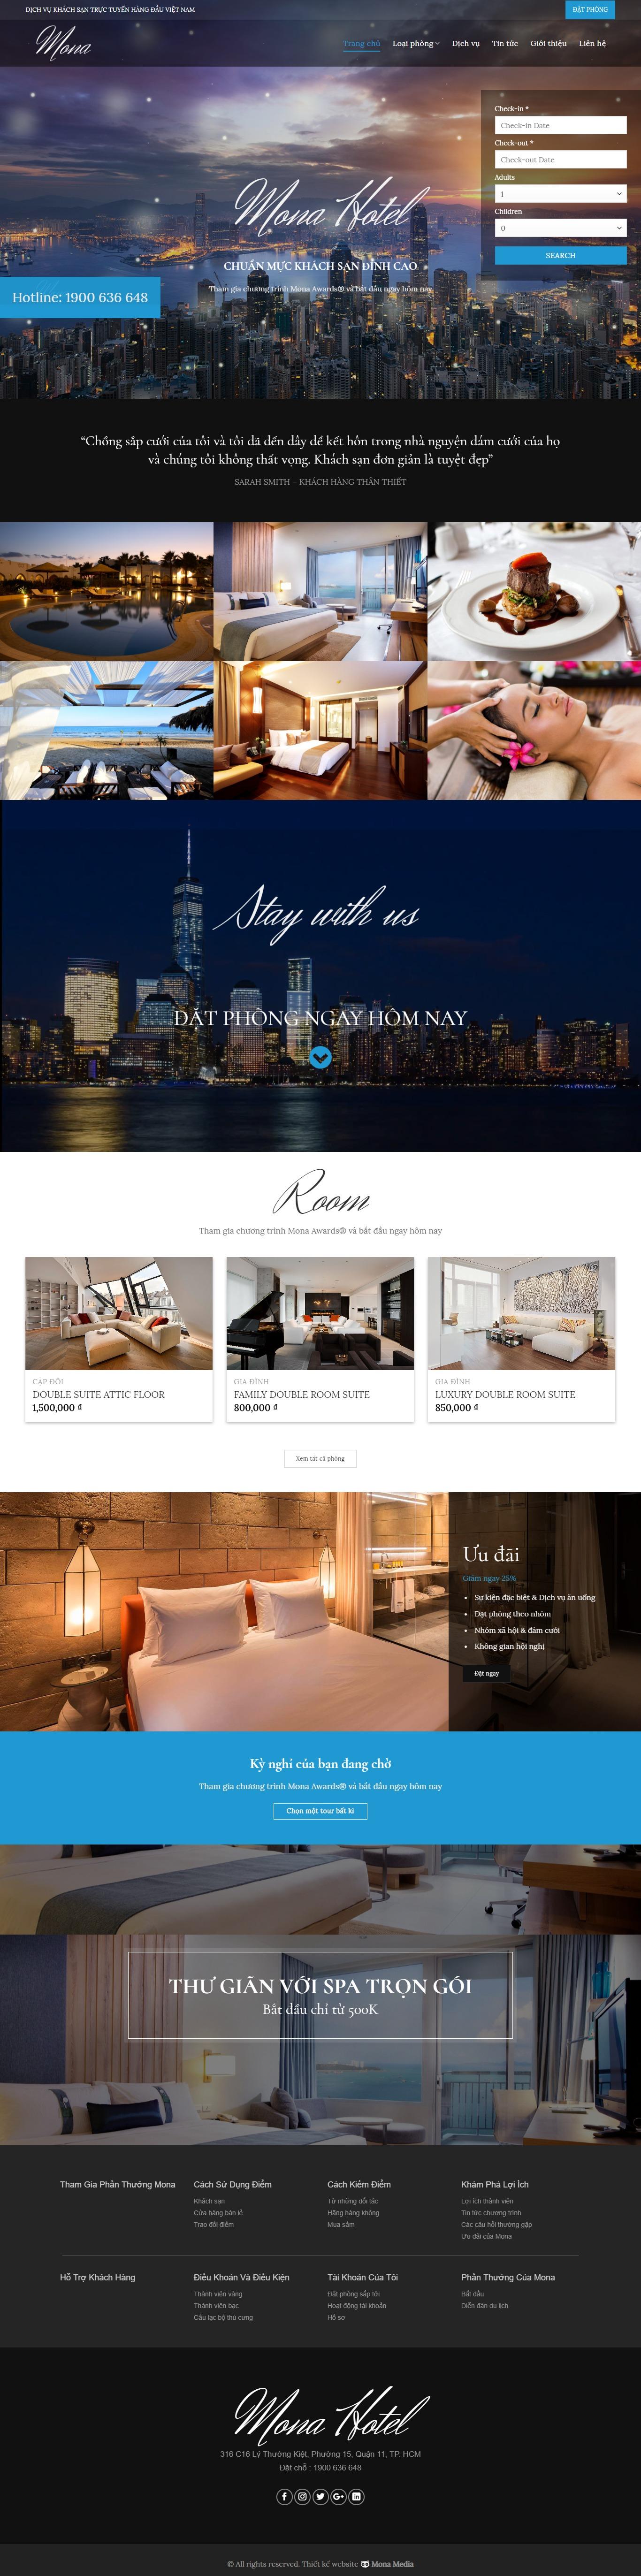 Mẫu website dịch vụ khách sạn – khu nghỉ dưỡng Encore